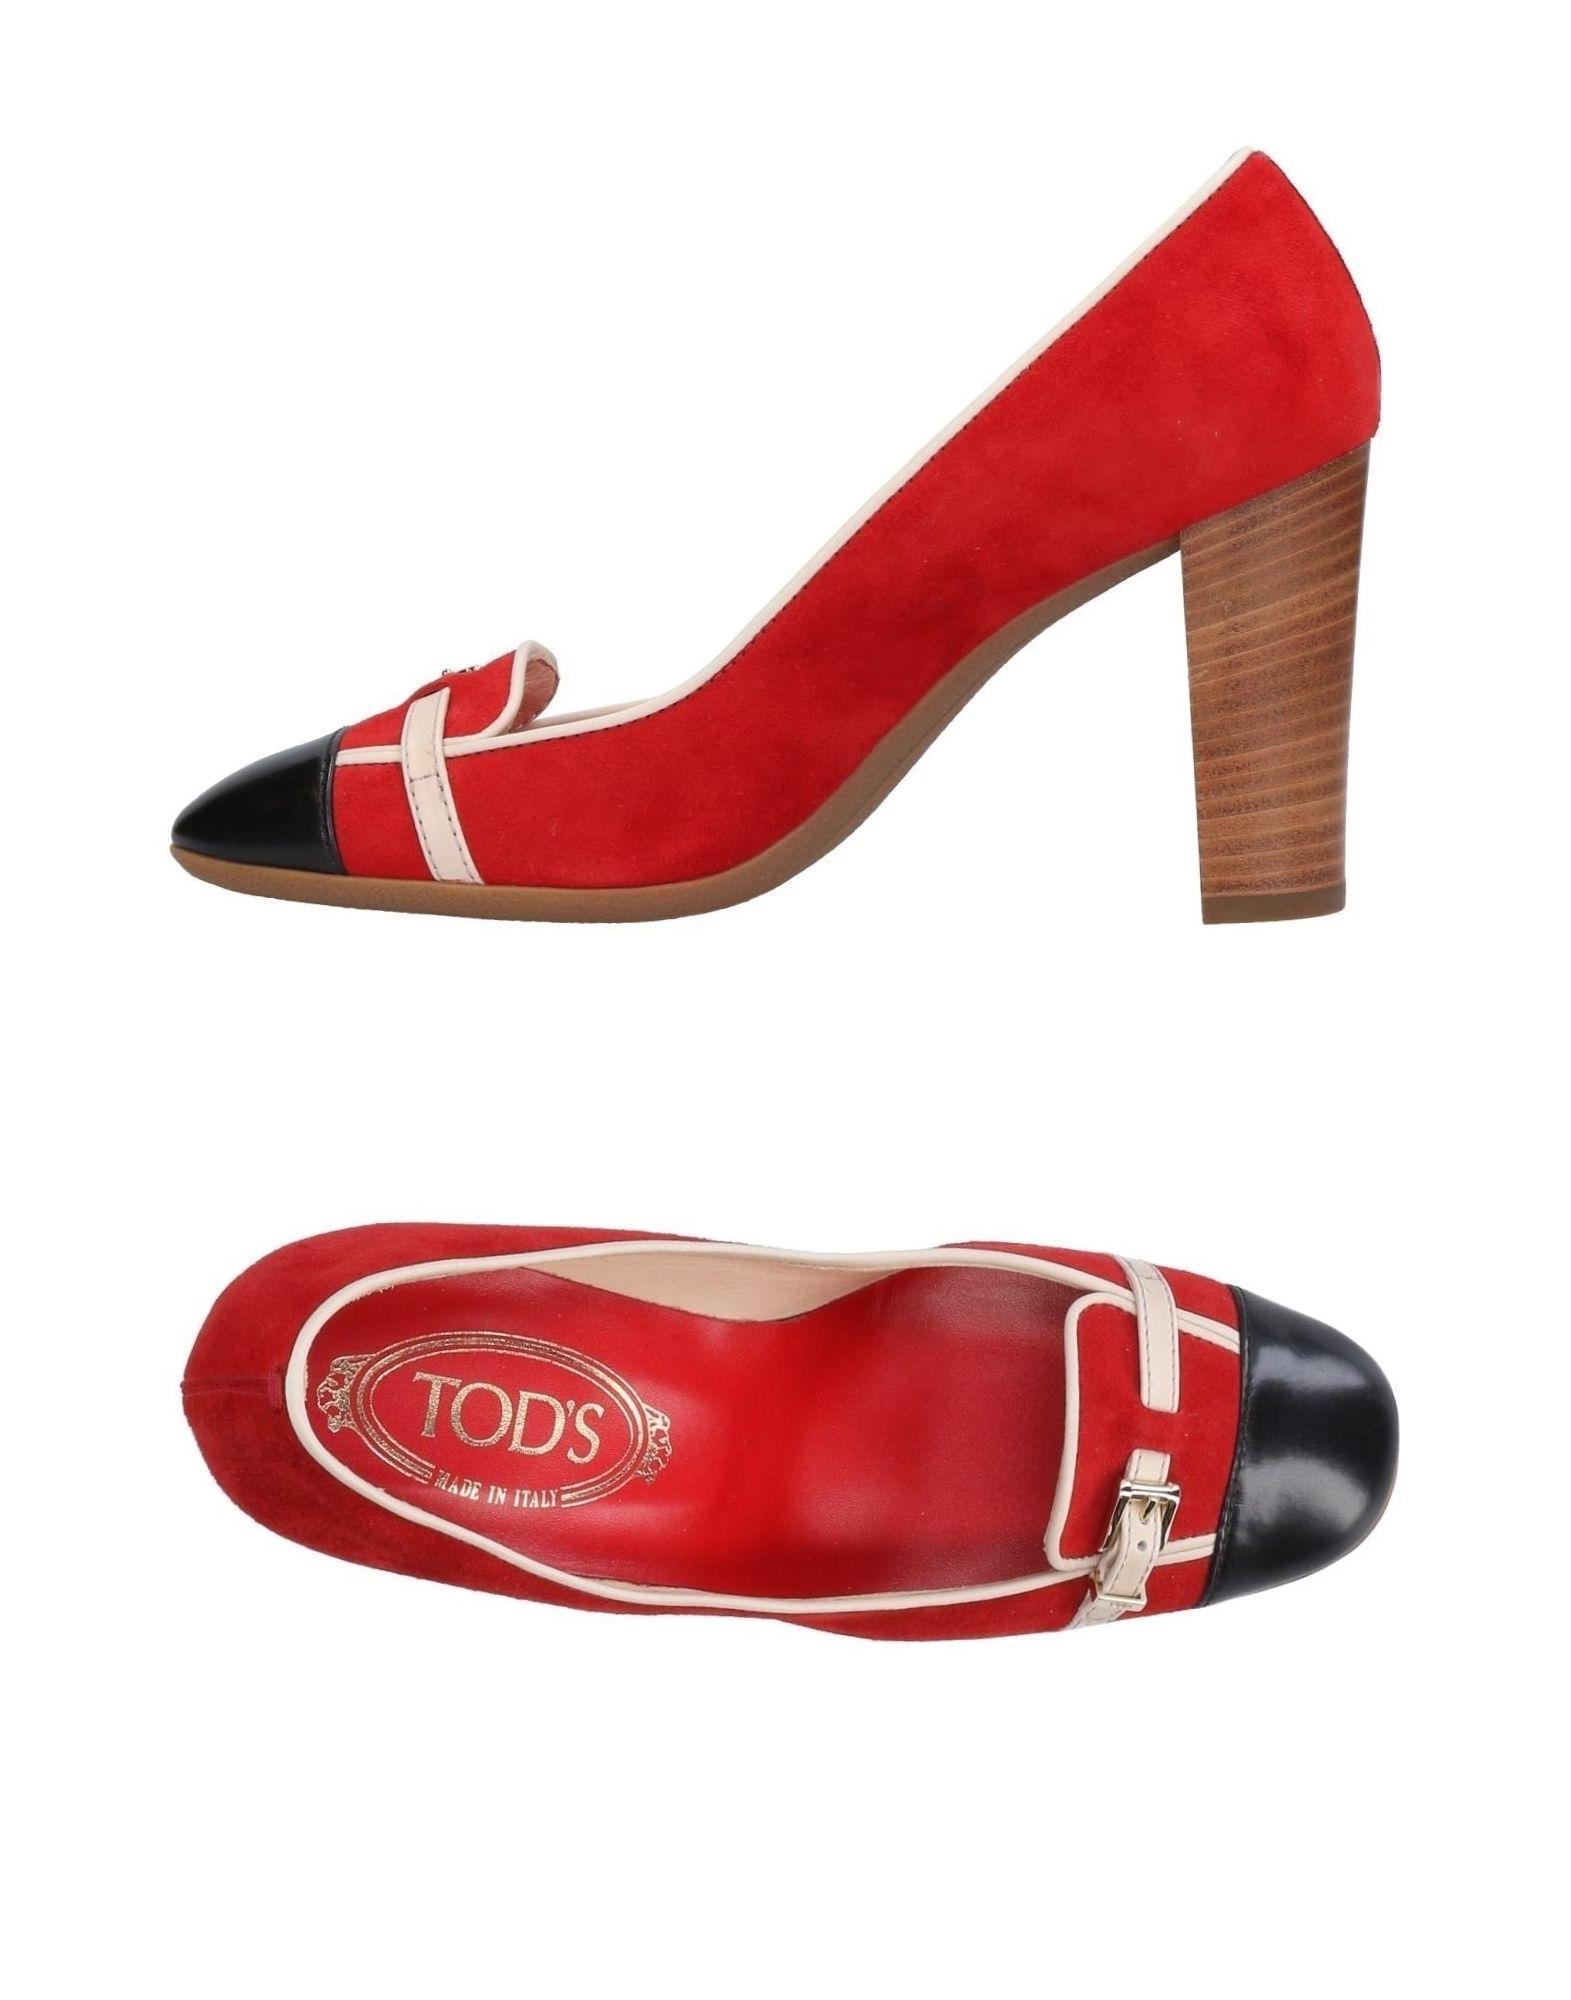 Moda Mocassino Tod's Donna - 11460315KI